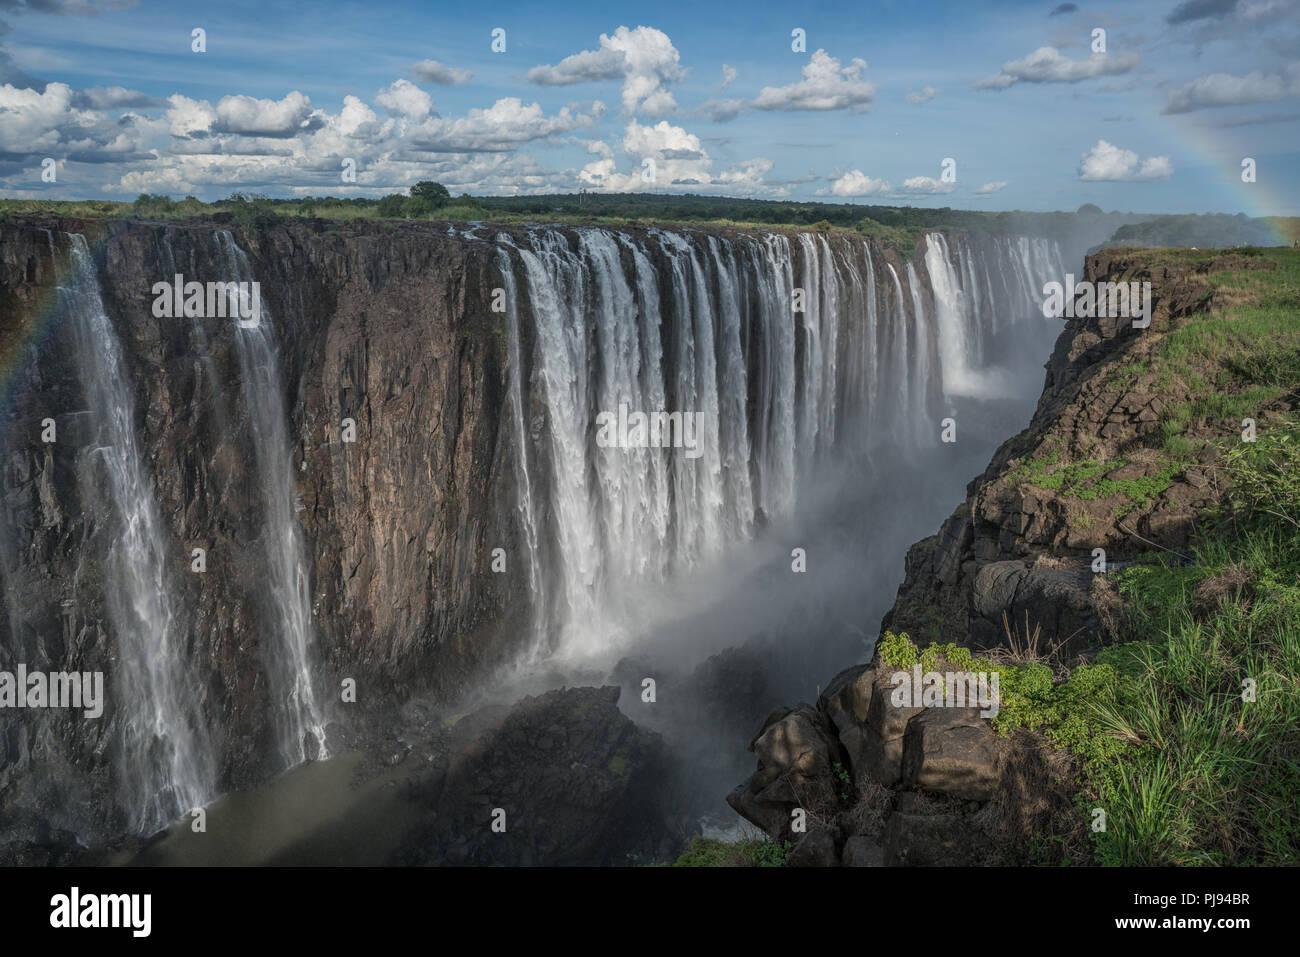 Le infinite Falls, Victoria Falls, Zimbabwe Immagini Stock